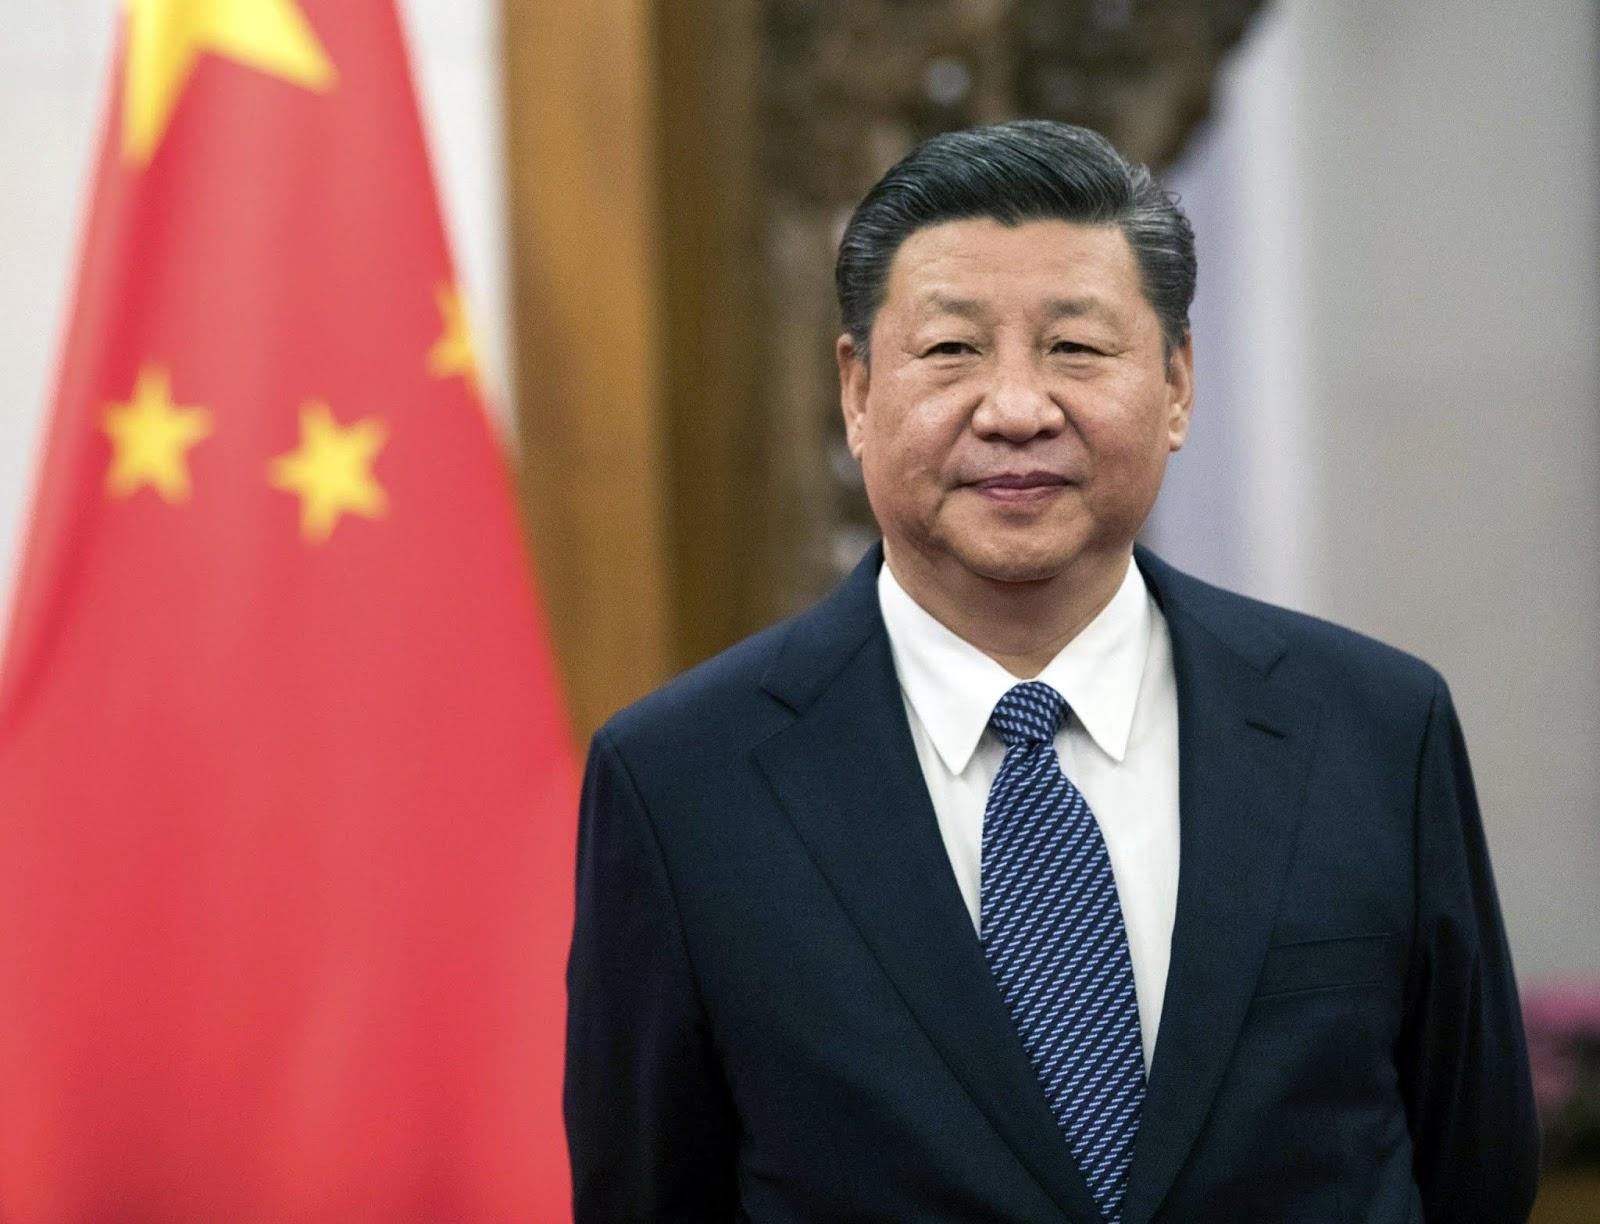 Xi Jinping: anche la Sicilia nel nuovo scenario geopolitico?